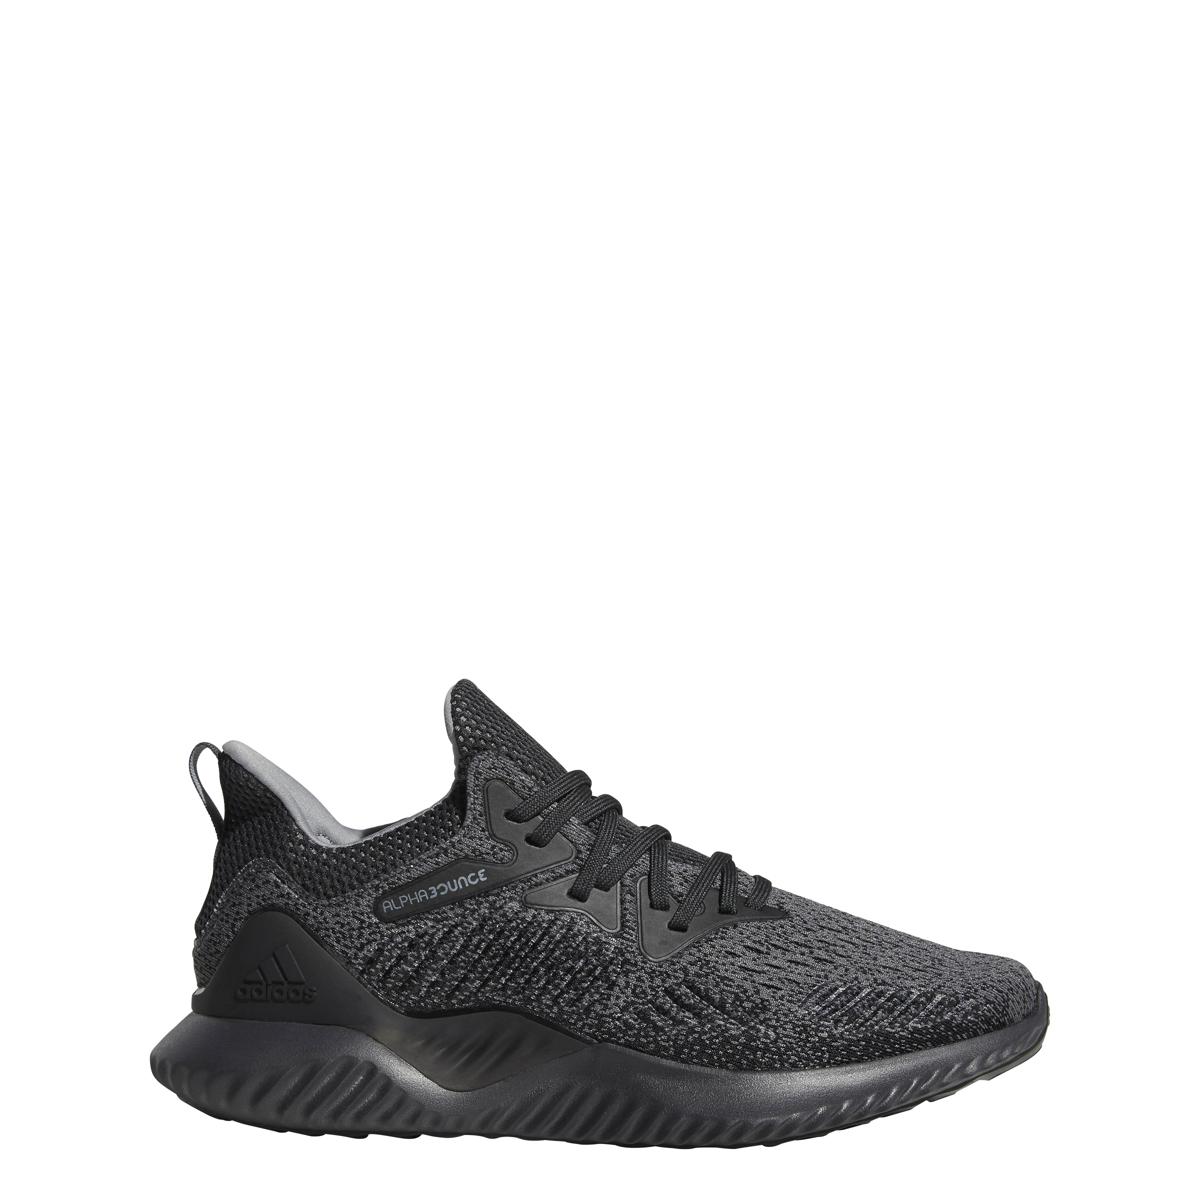 Männer adidas alphabounce danach laufschuh kohlenstoff drei / grau / schwarz drei kohlenstoff 01acfc